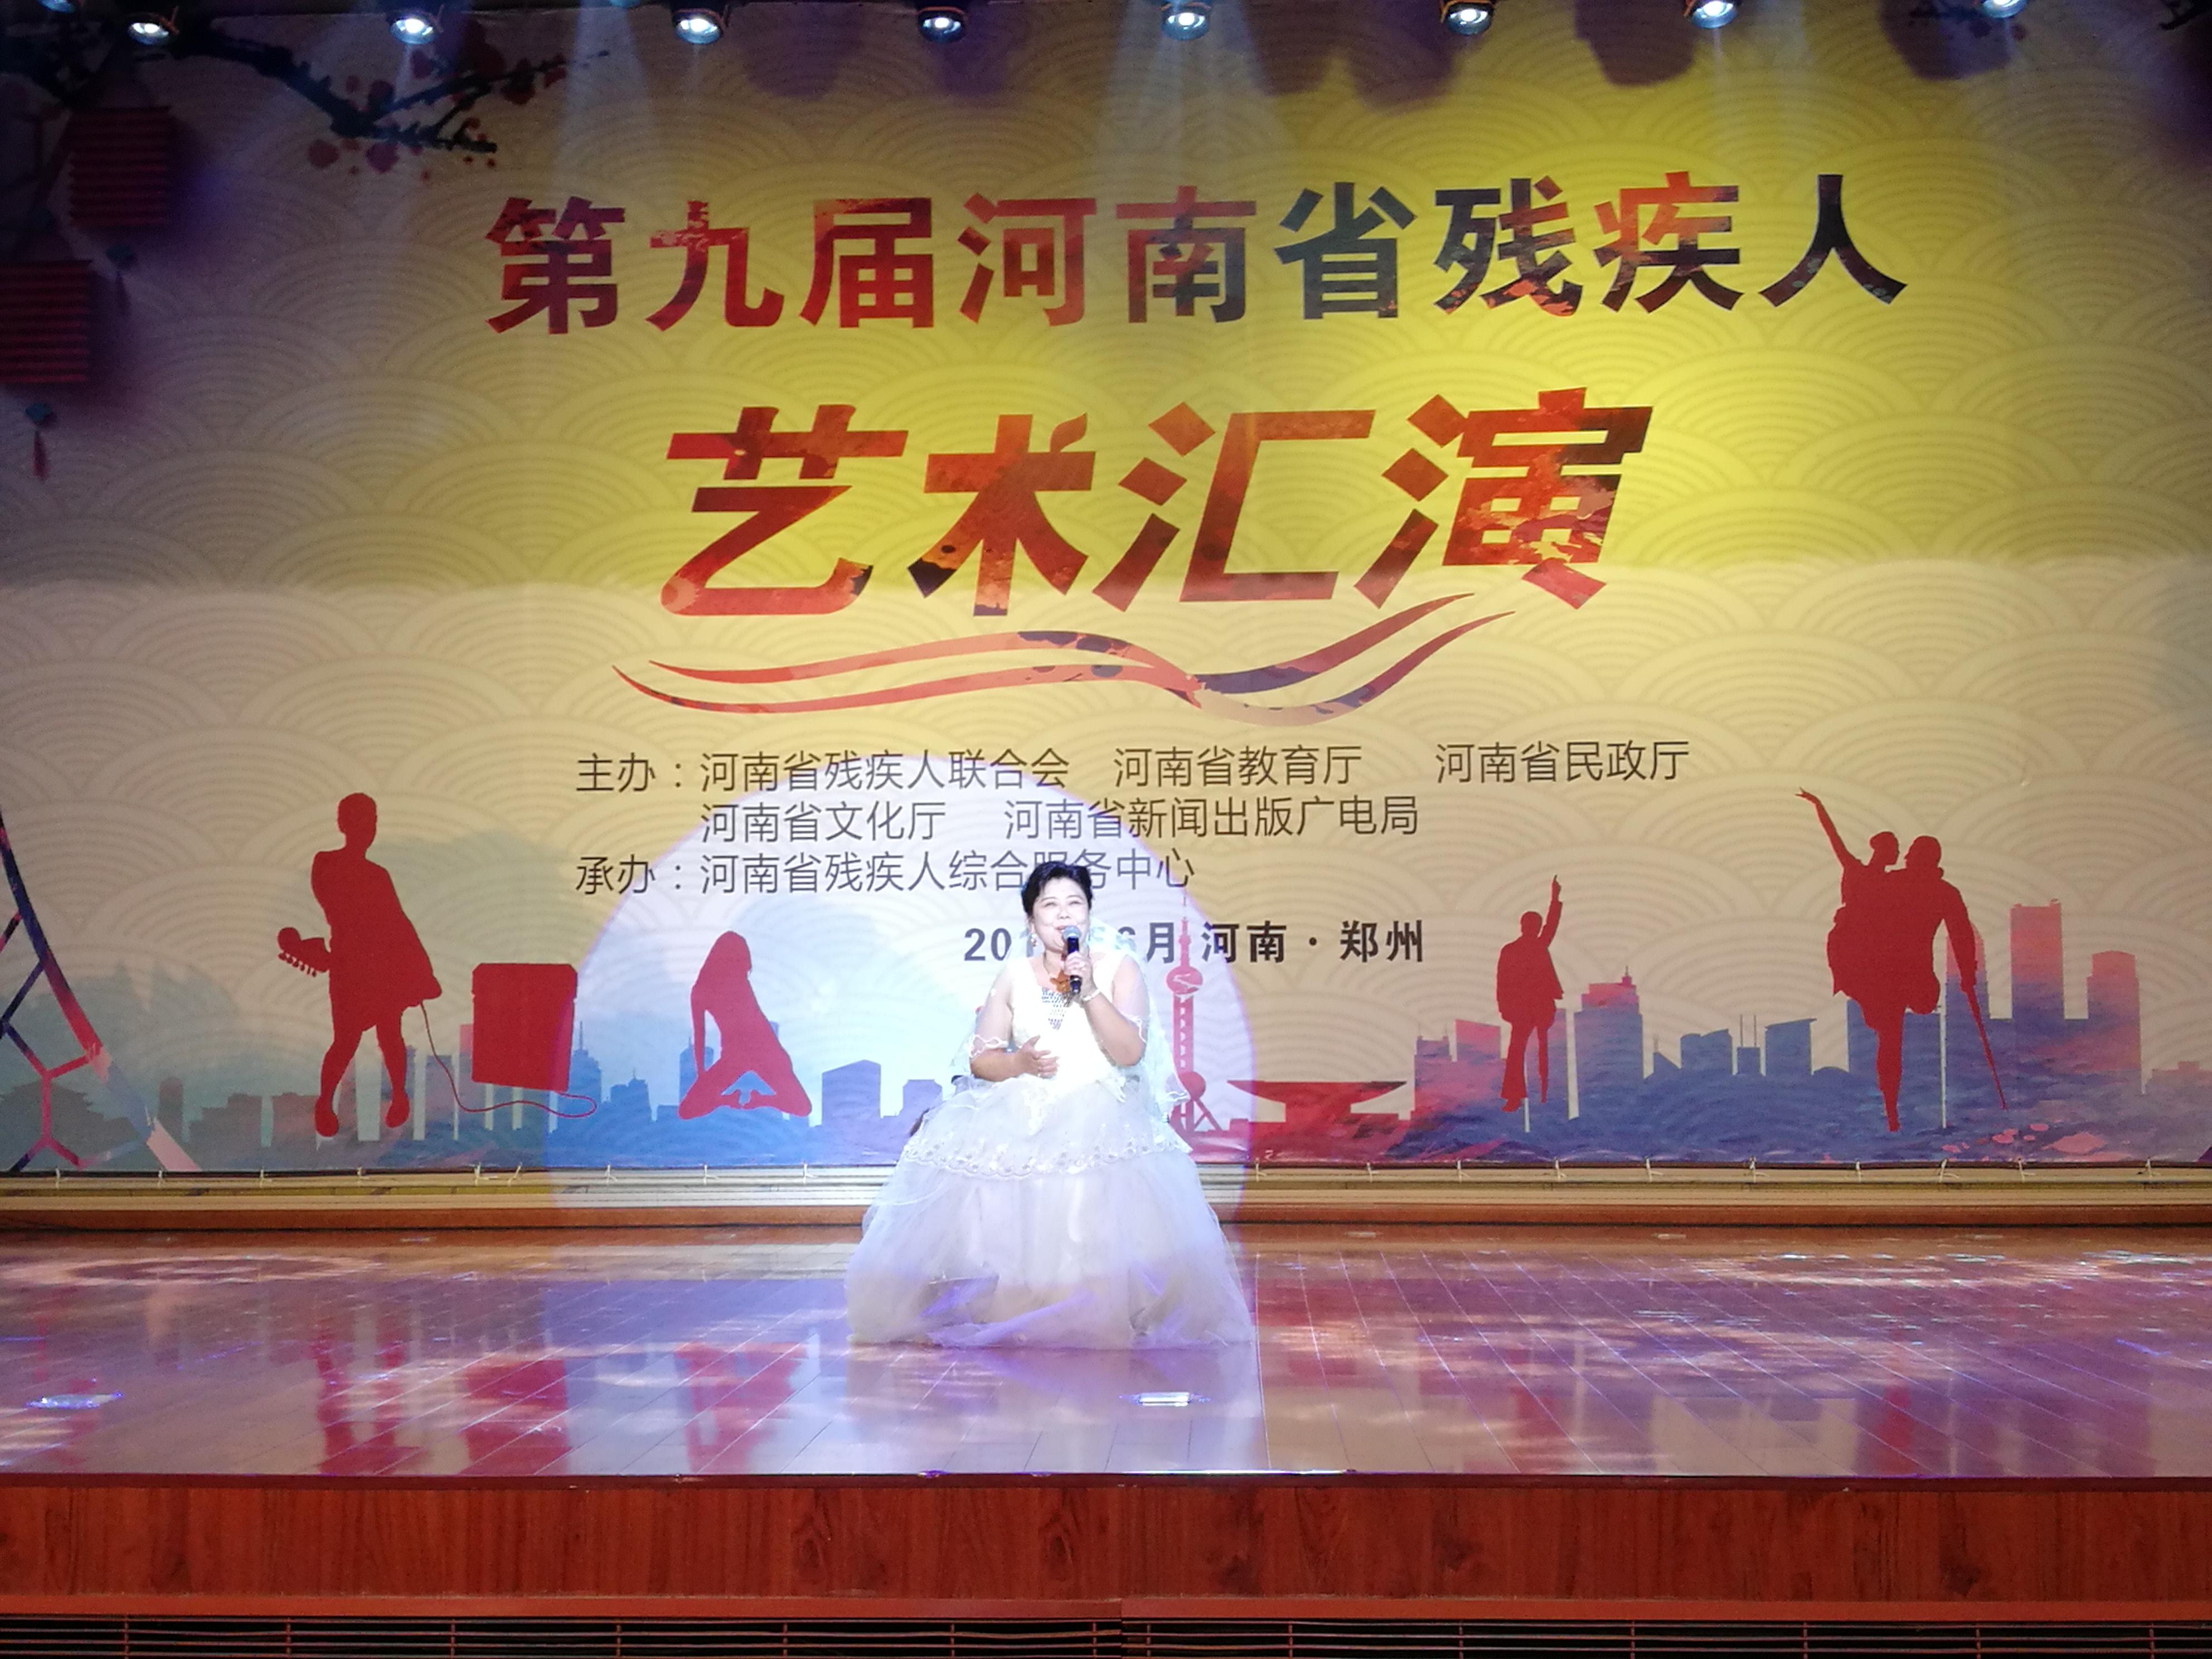 济源市声乐类参赛作品喜获第九届河南省残疾人艺术汇演三等奖